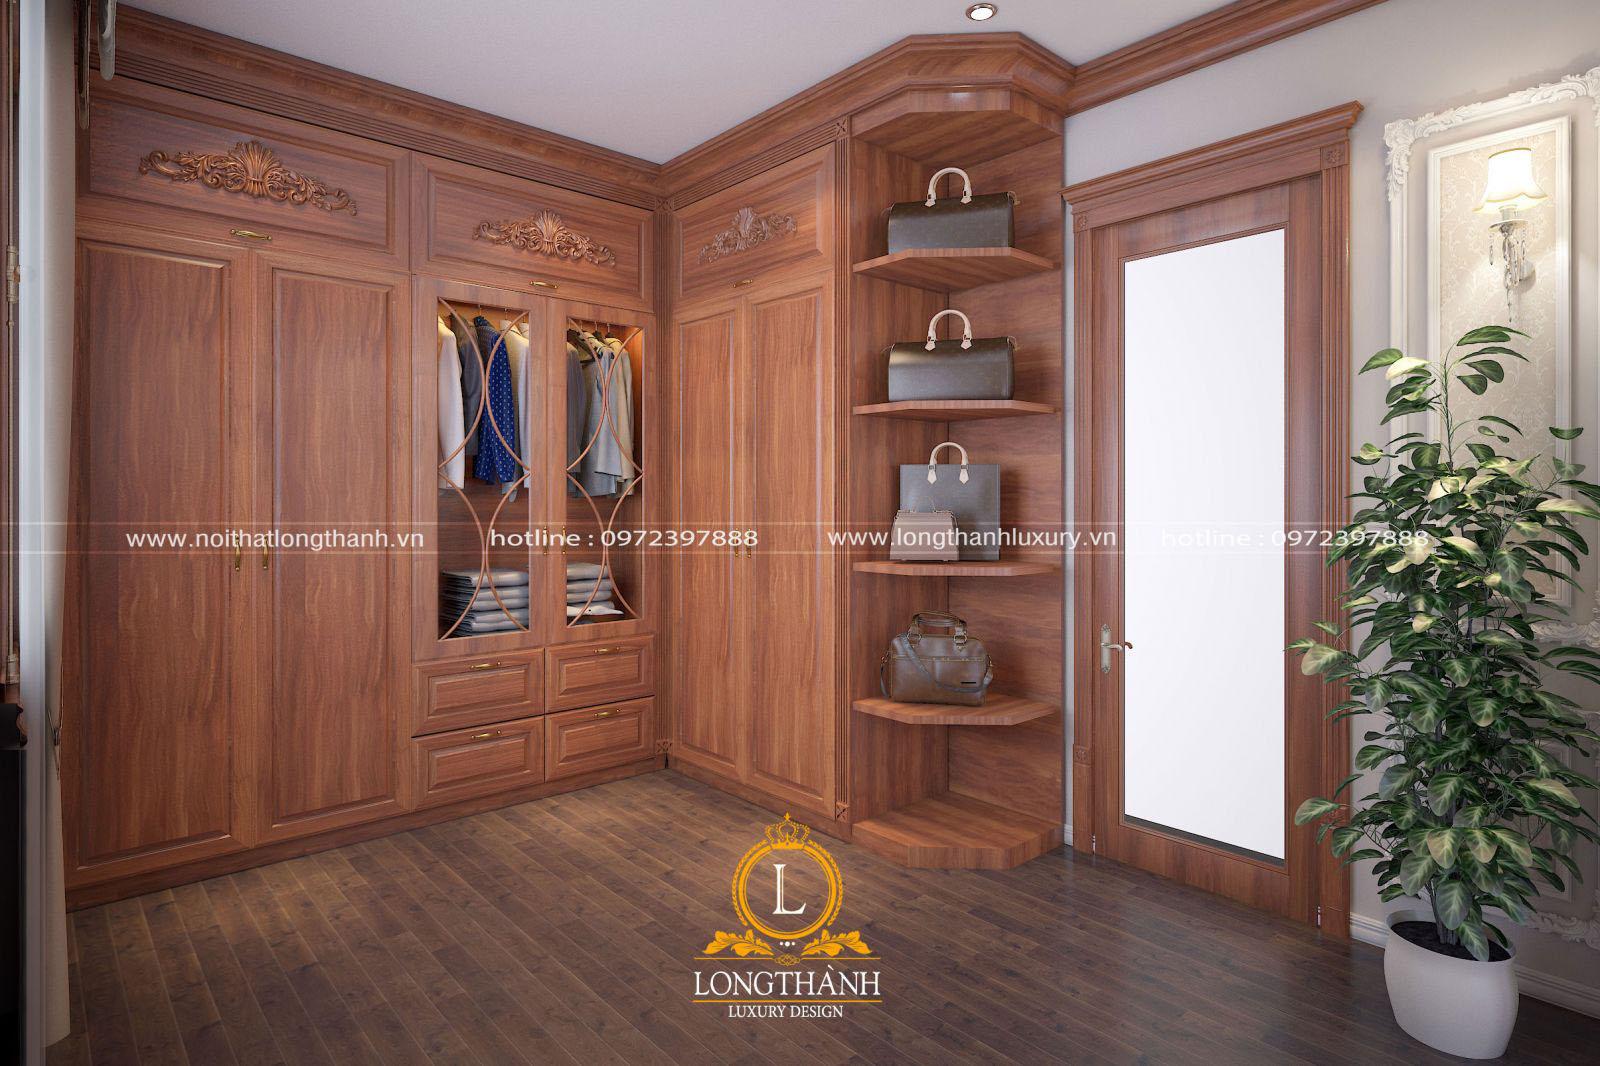 Tủ quần áo gỗ hương sang trọng